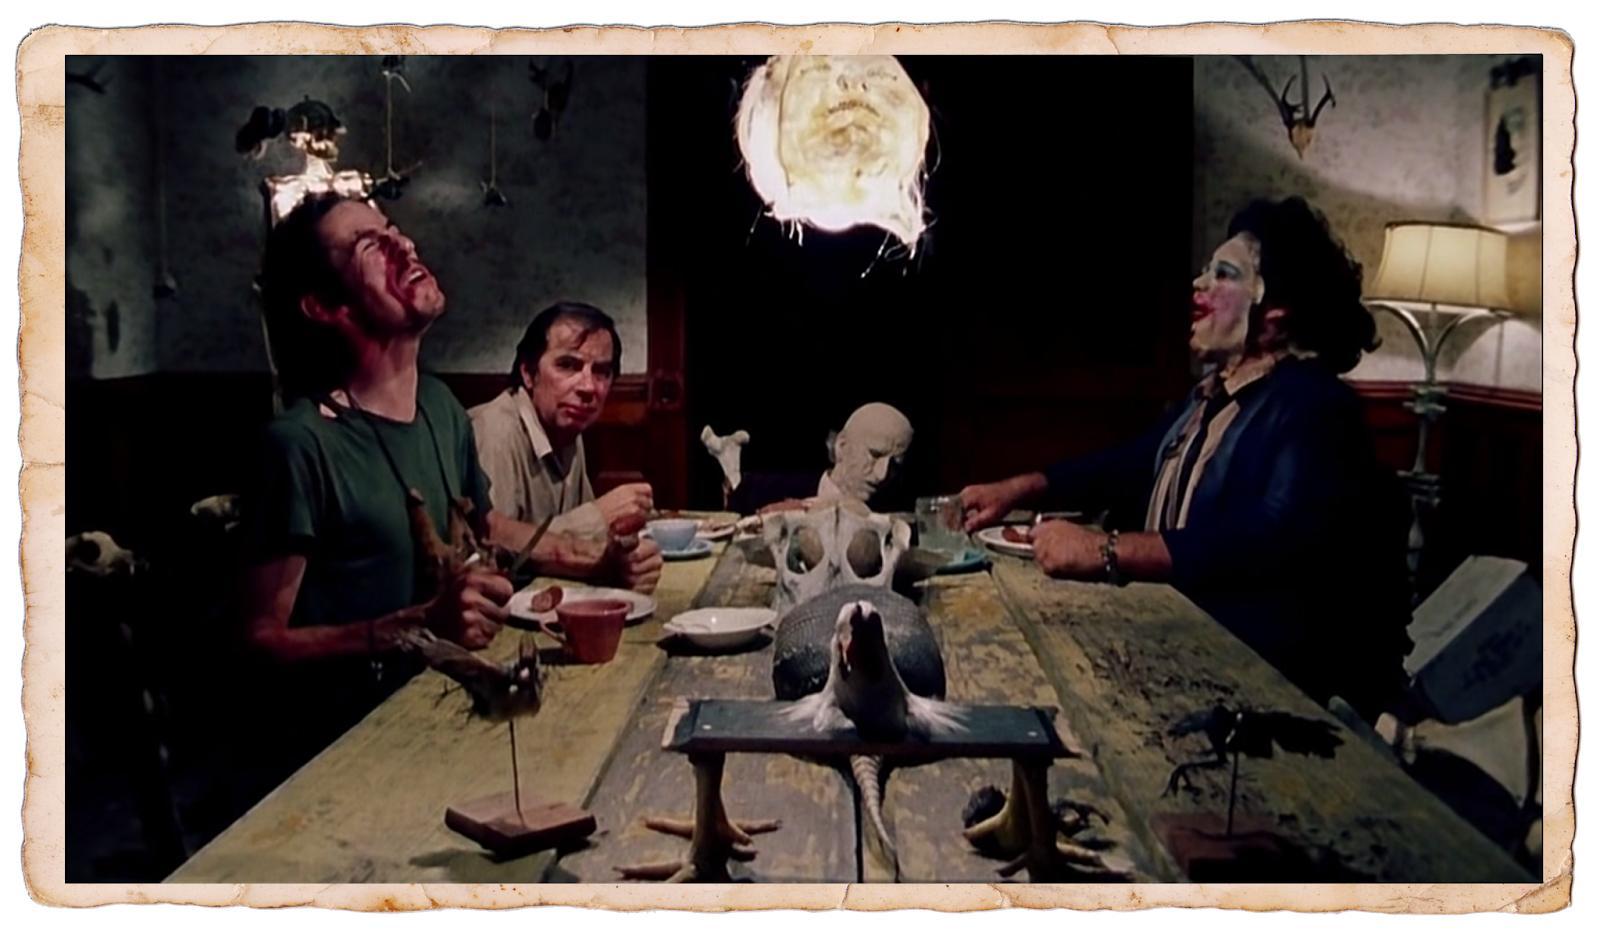 冰淇淋武士的怪物園地: 德州電鋸殺人狂(1974)